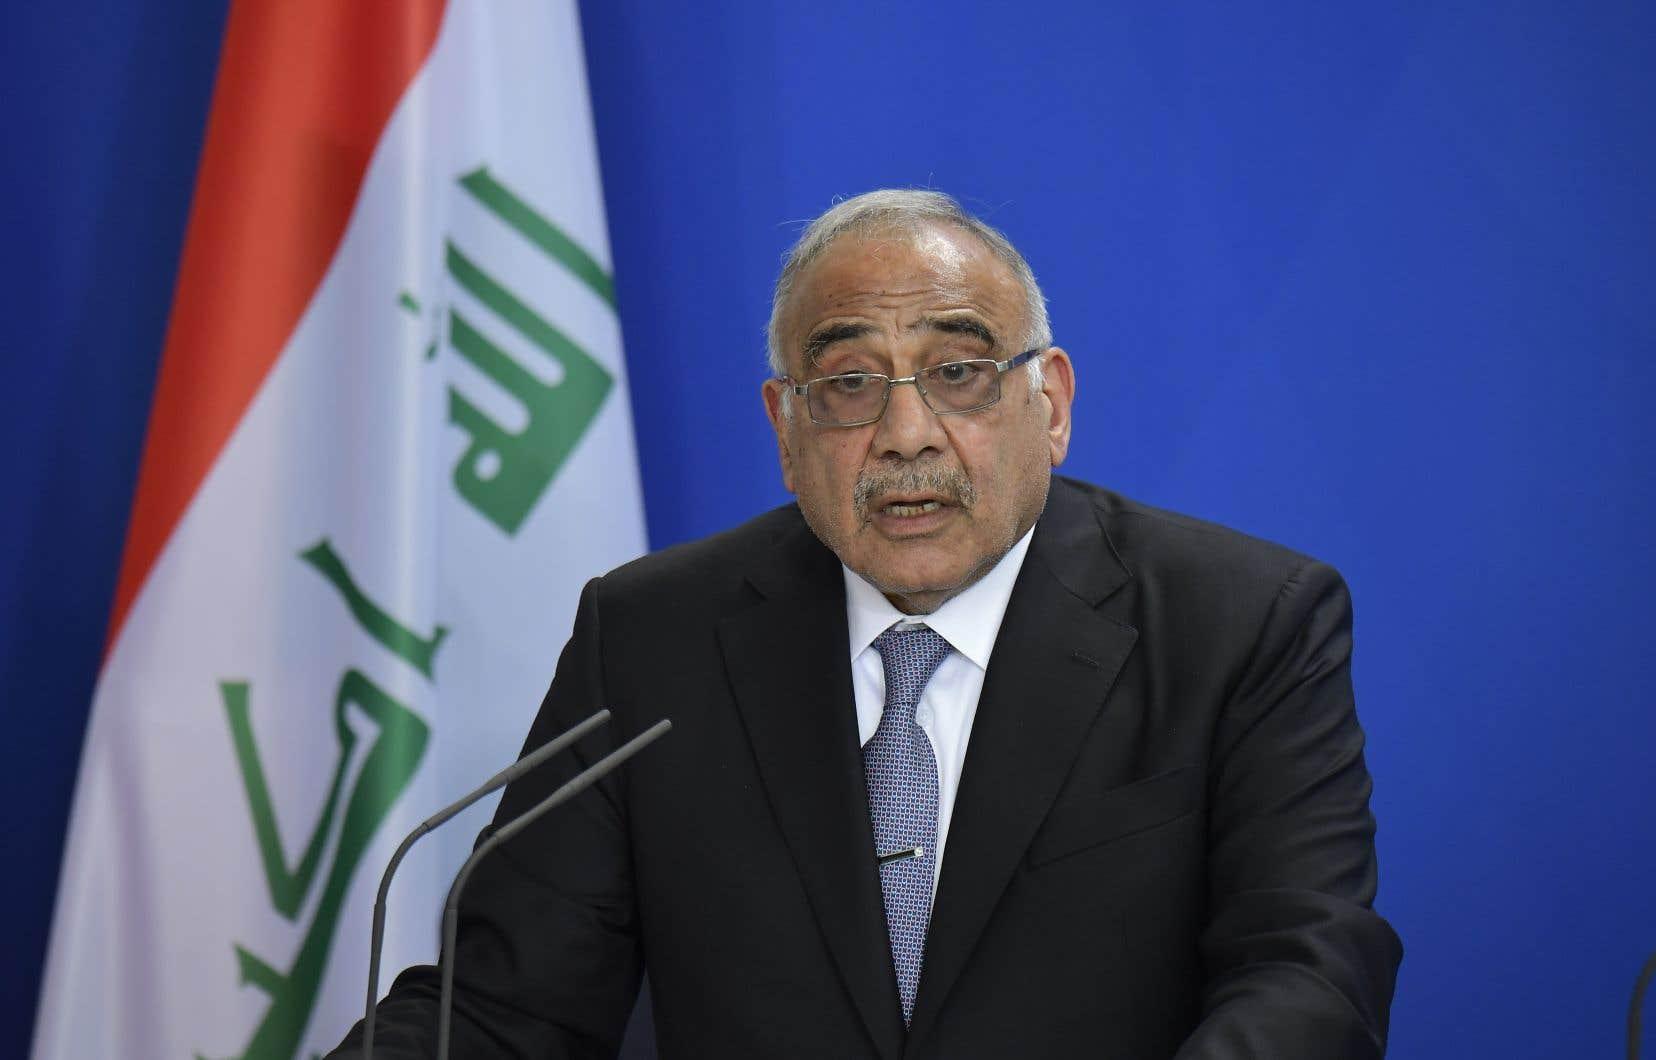 Le premier ministre irakien Adel Abdel Mahdi a annoncé mardi l'envoi «très prochainement de délégations à Téhéran et Washington pour pousser à l'apaisement» et pour éviter que l'Irak ne devienne un théâtre de guerre.